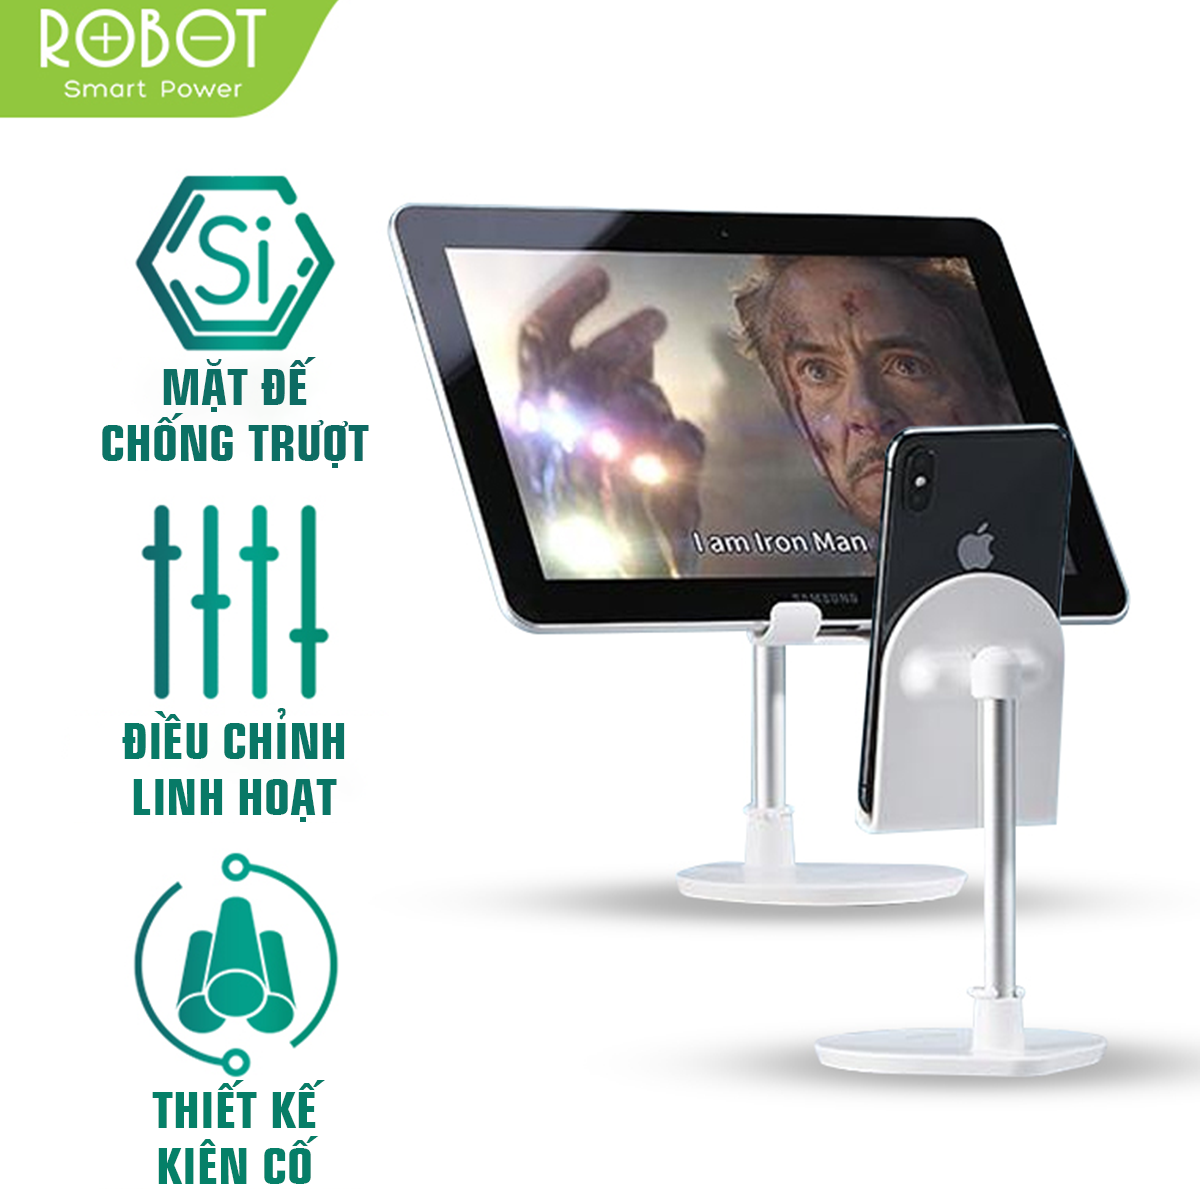 [Bảo Hành 12 tháng] Giá Đỡ Điện Thoại ROBOT RT-US05 Hợp Kim Nhôm Cao Cấp Tương Thích Với Tất Cả Điện Thoại Di Động iPhone Samsung OPPO VIVO – Hàng chính hãng